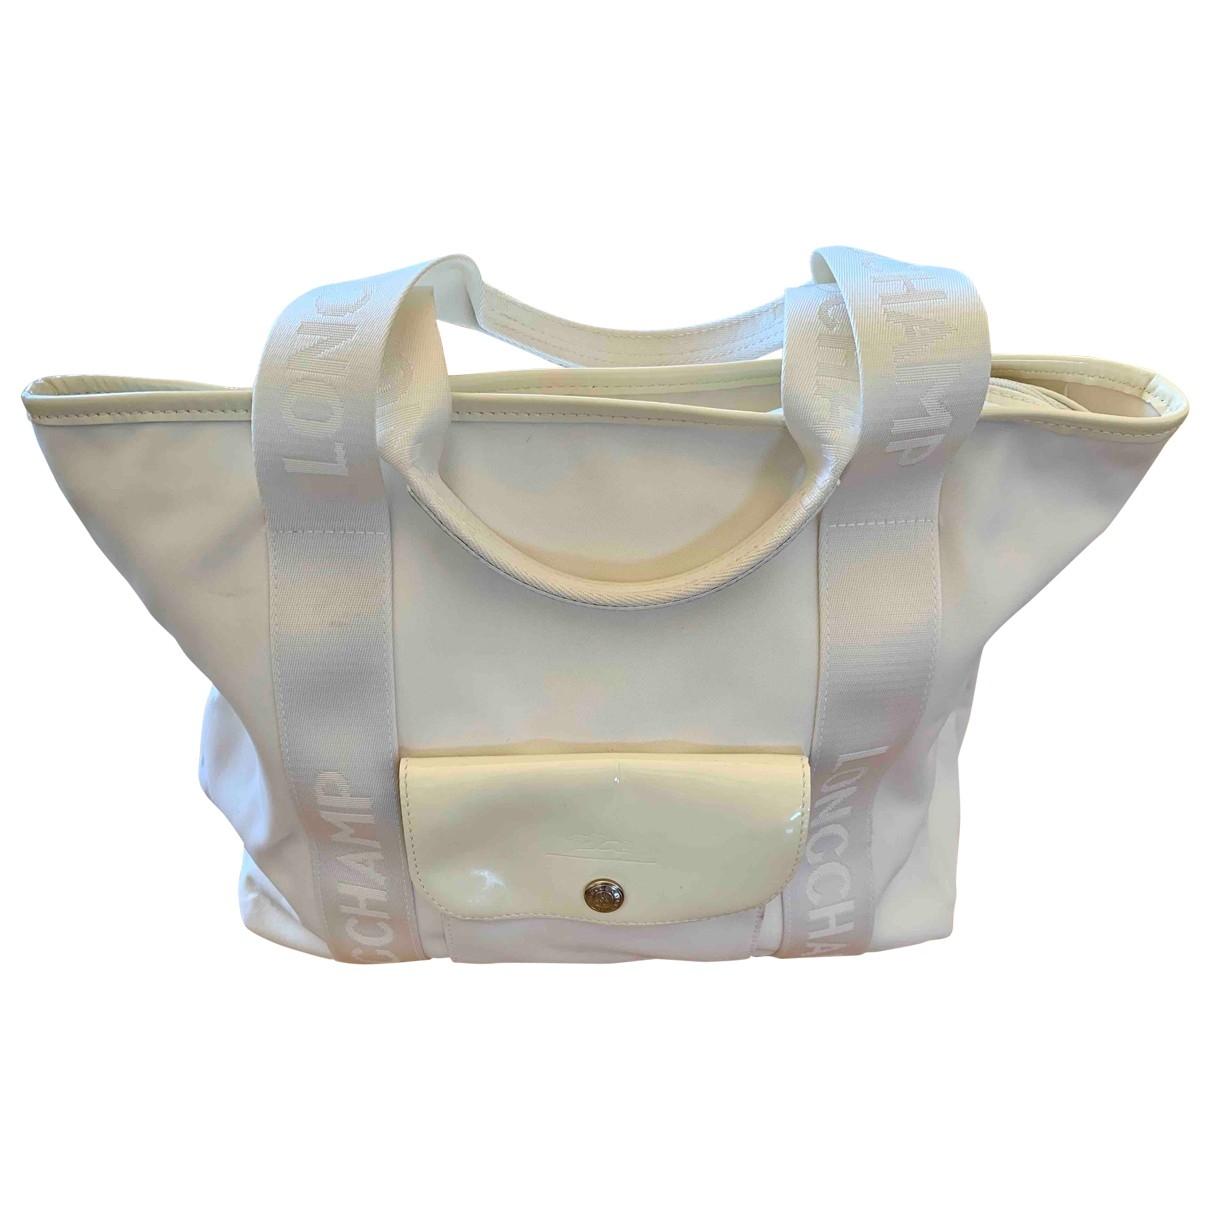 Longchamp - Sac a main   pour femme en toile - blanc